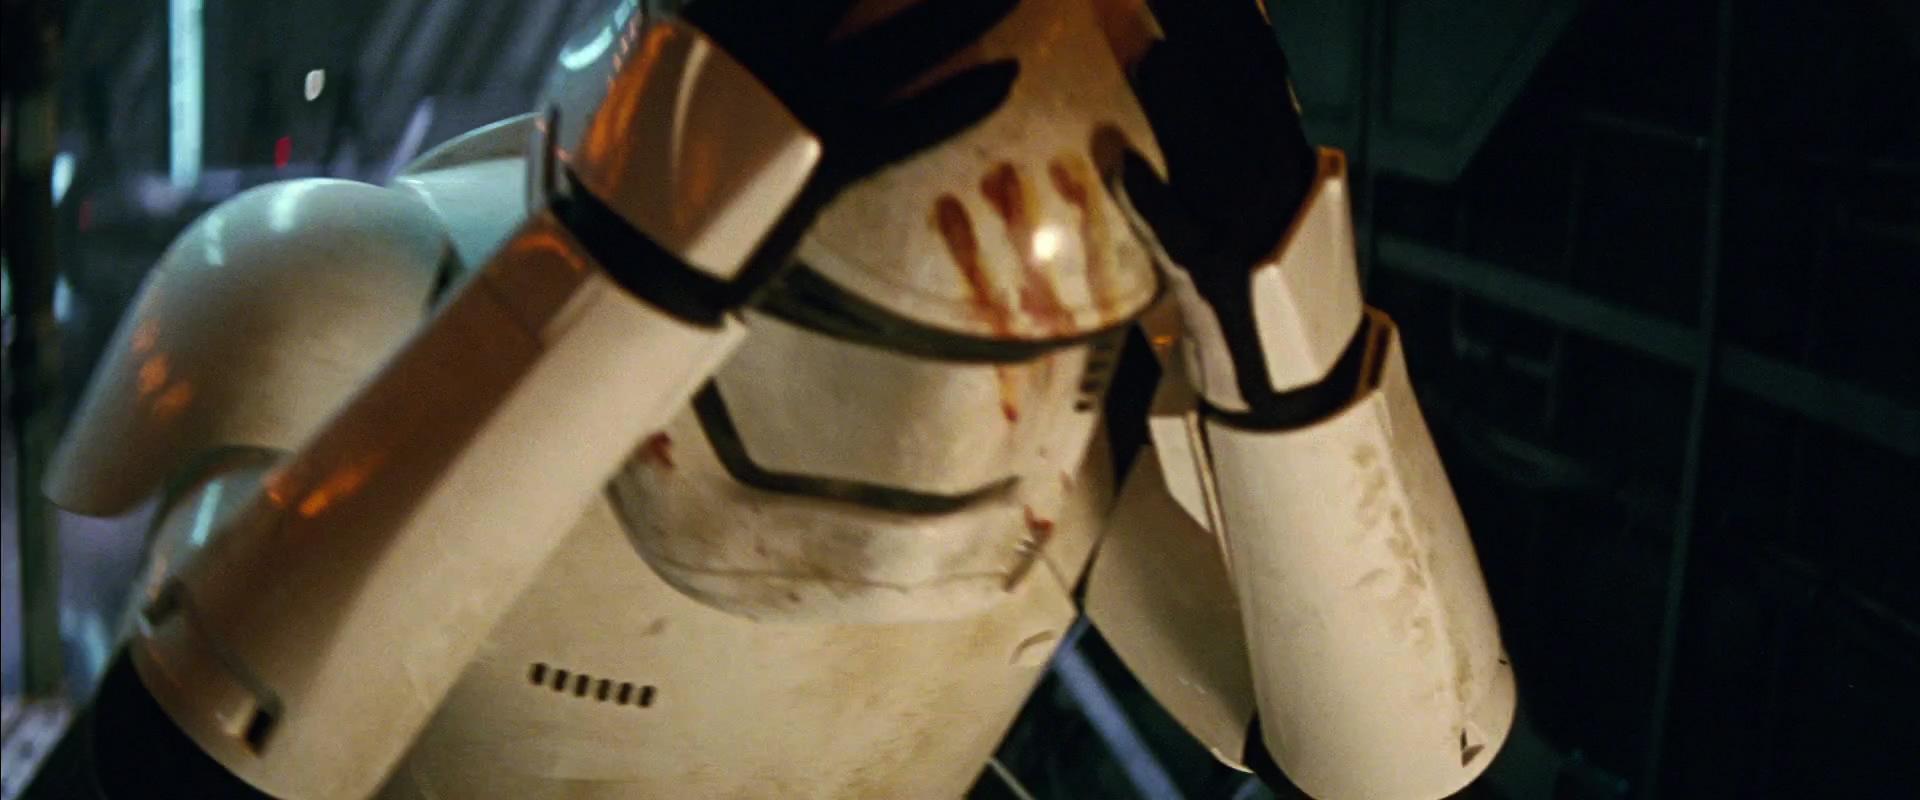 Star Wars  The Force Awakens Official Teaser #2 1847.jpg